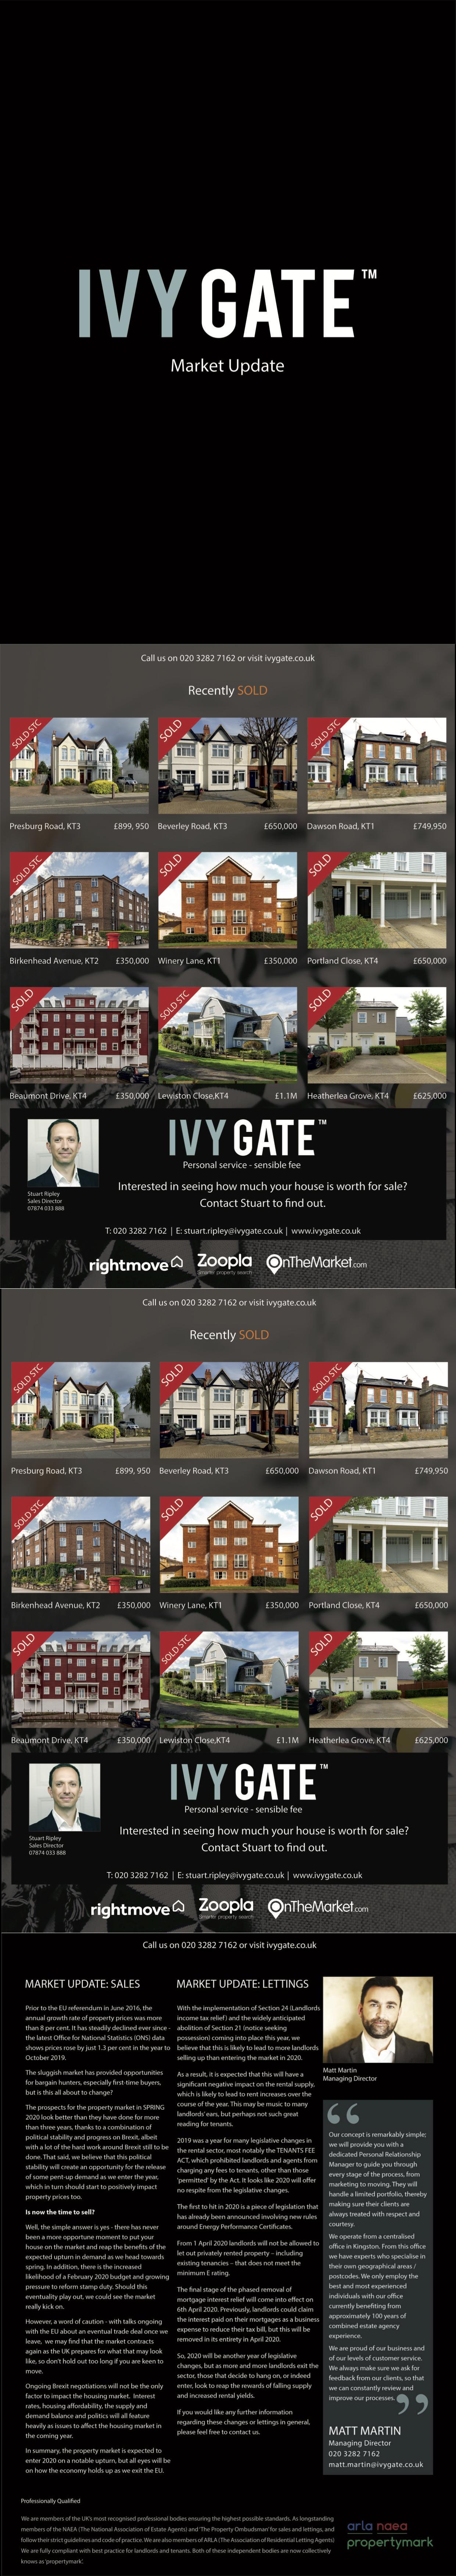 IvyGate-MarketReport-January2020-v2